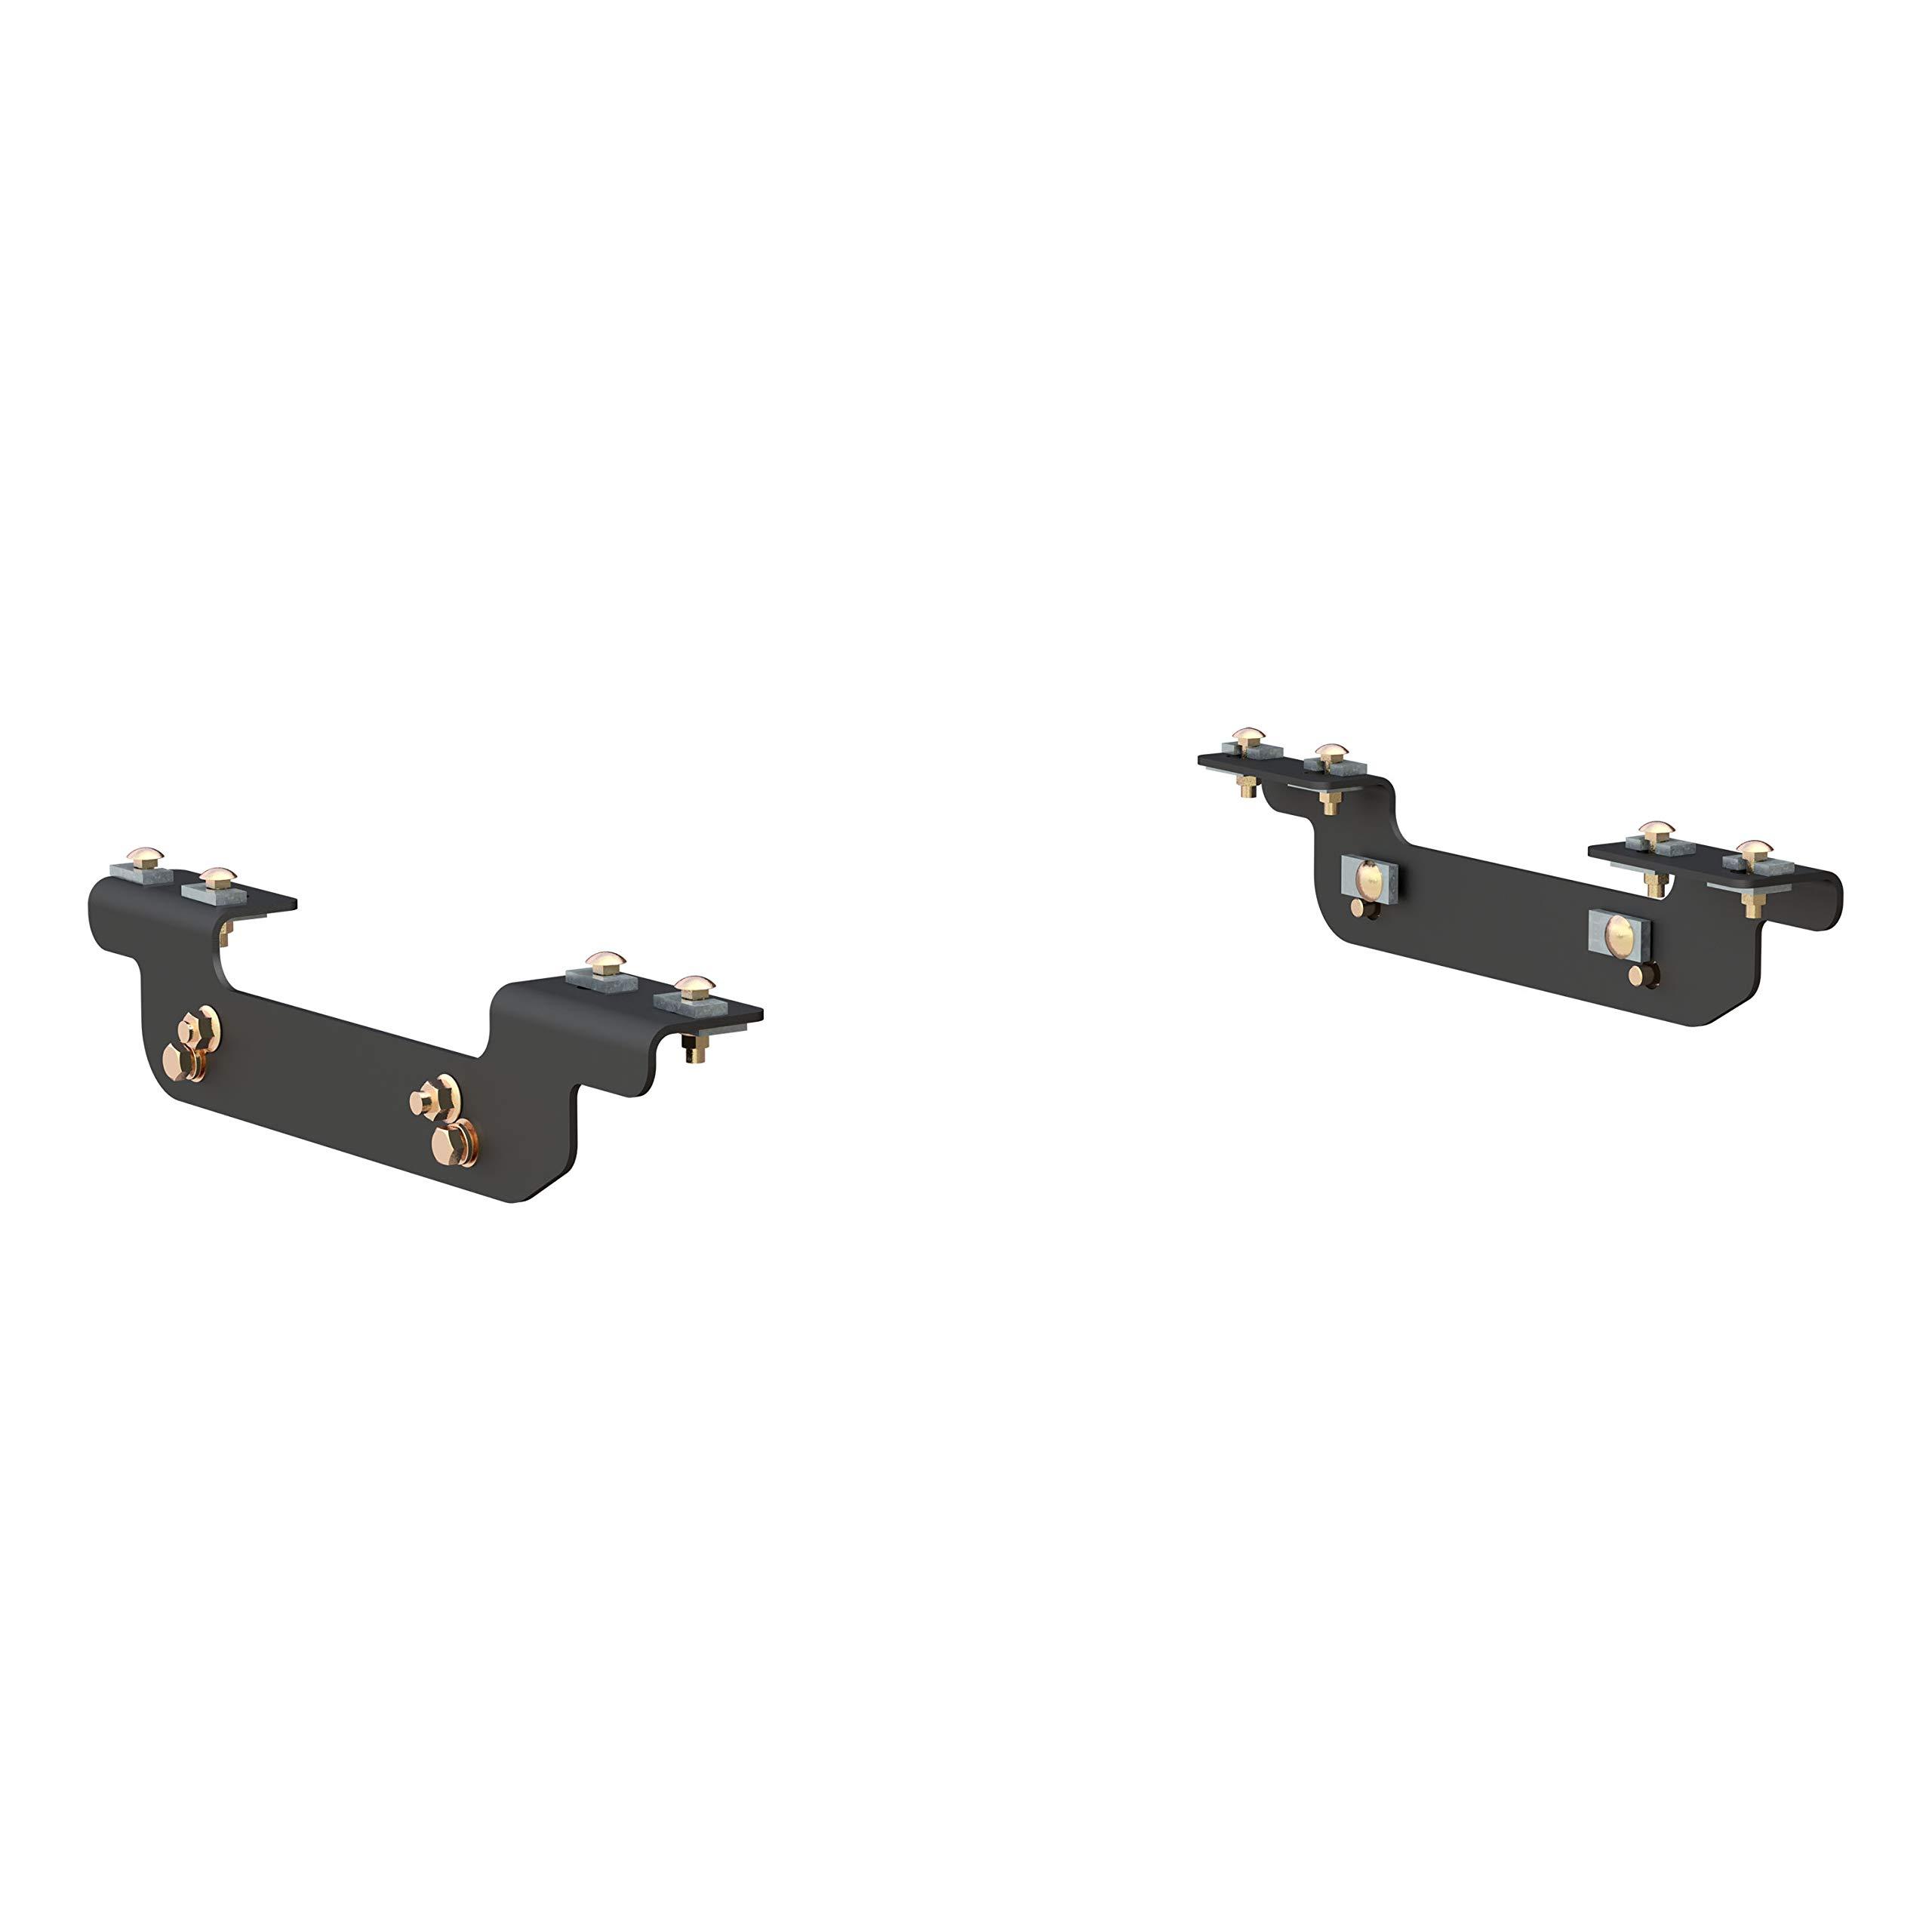 CURT 16411 Black 5th Wheel Hitch Installation Brackets for Select Chevrolet Silverado, GMC Sierra 2500, 3500 HD